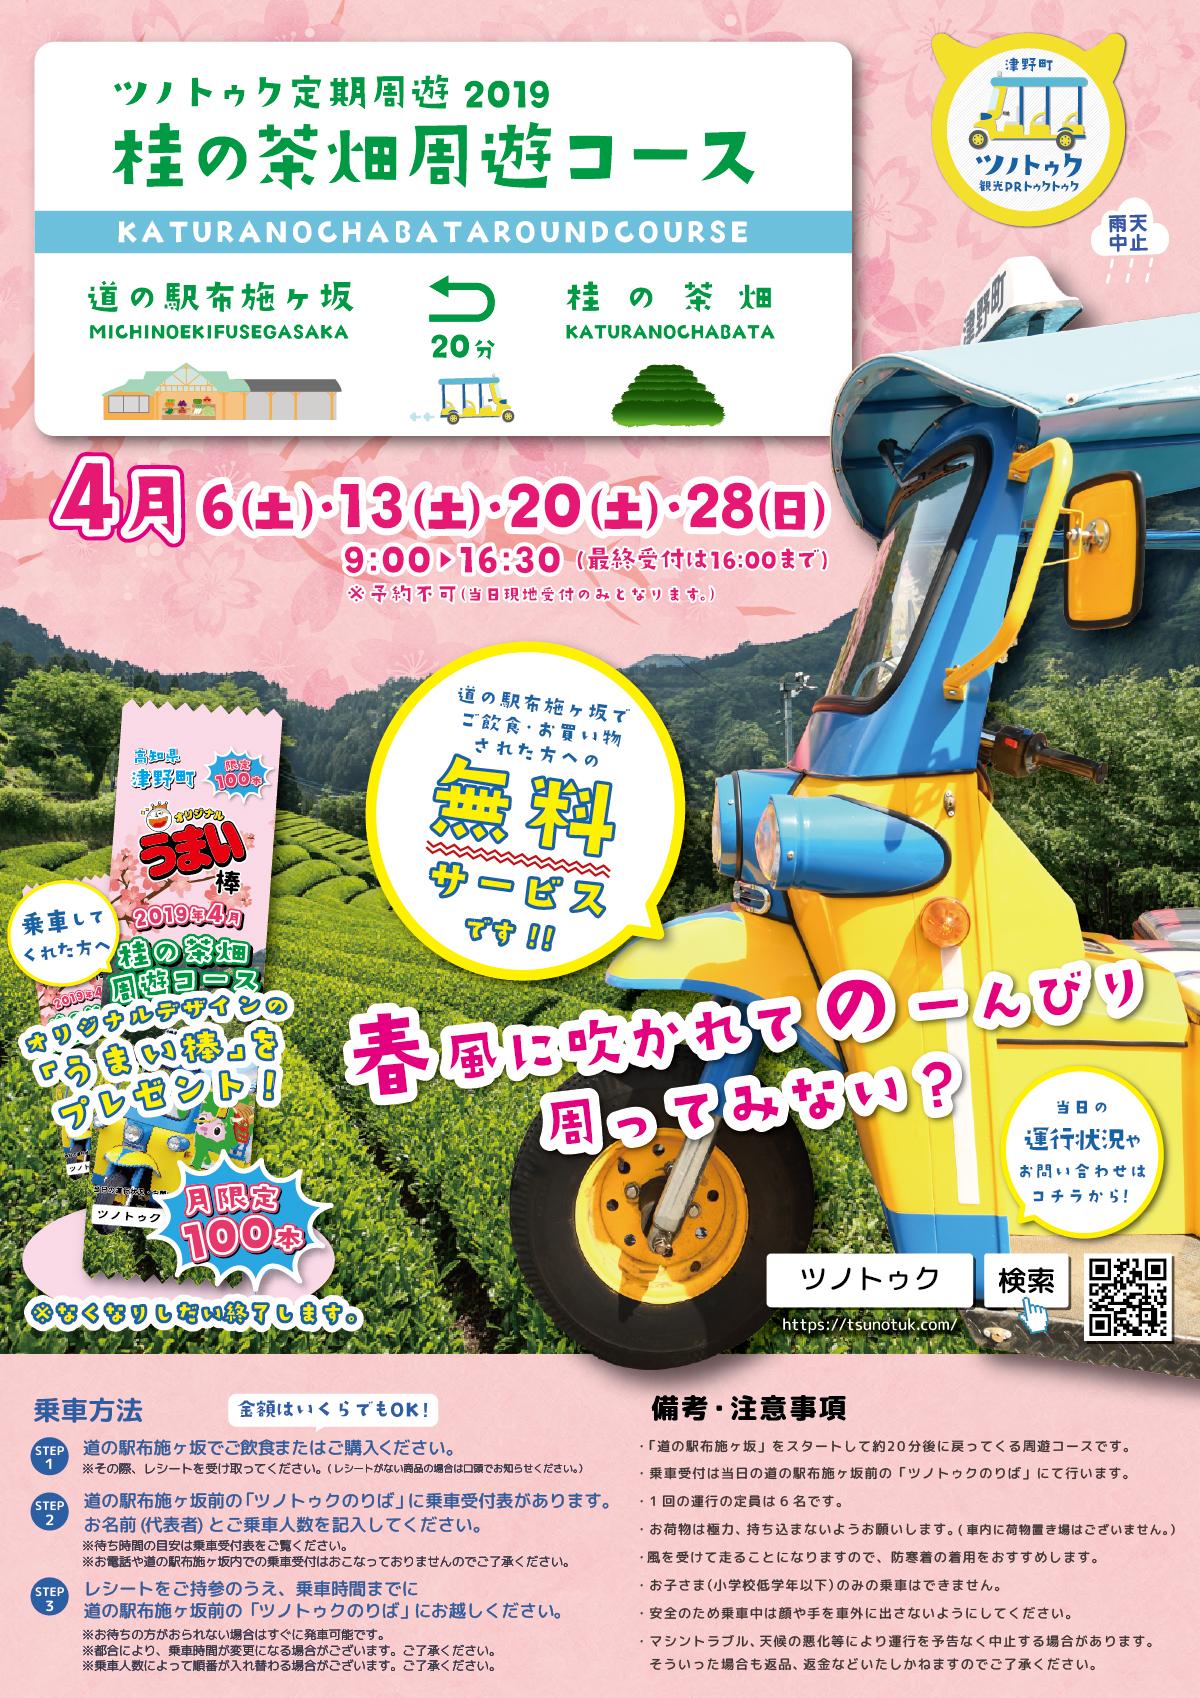 ツノトゥク定期周遊2019.4月「桂の茶畑周遊コース」